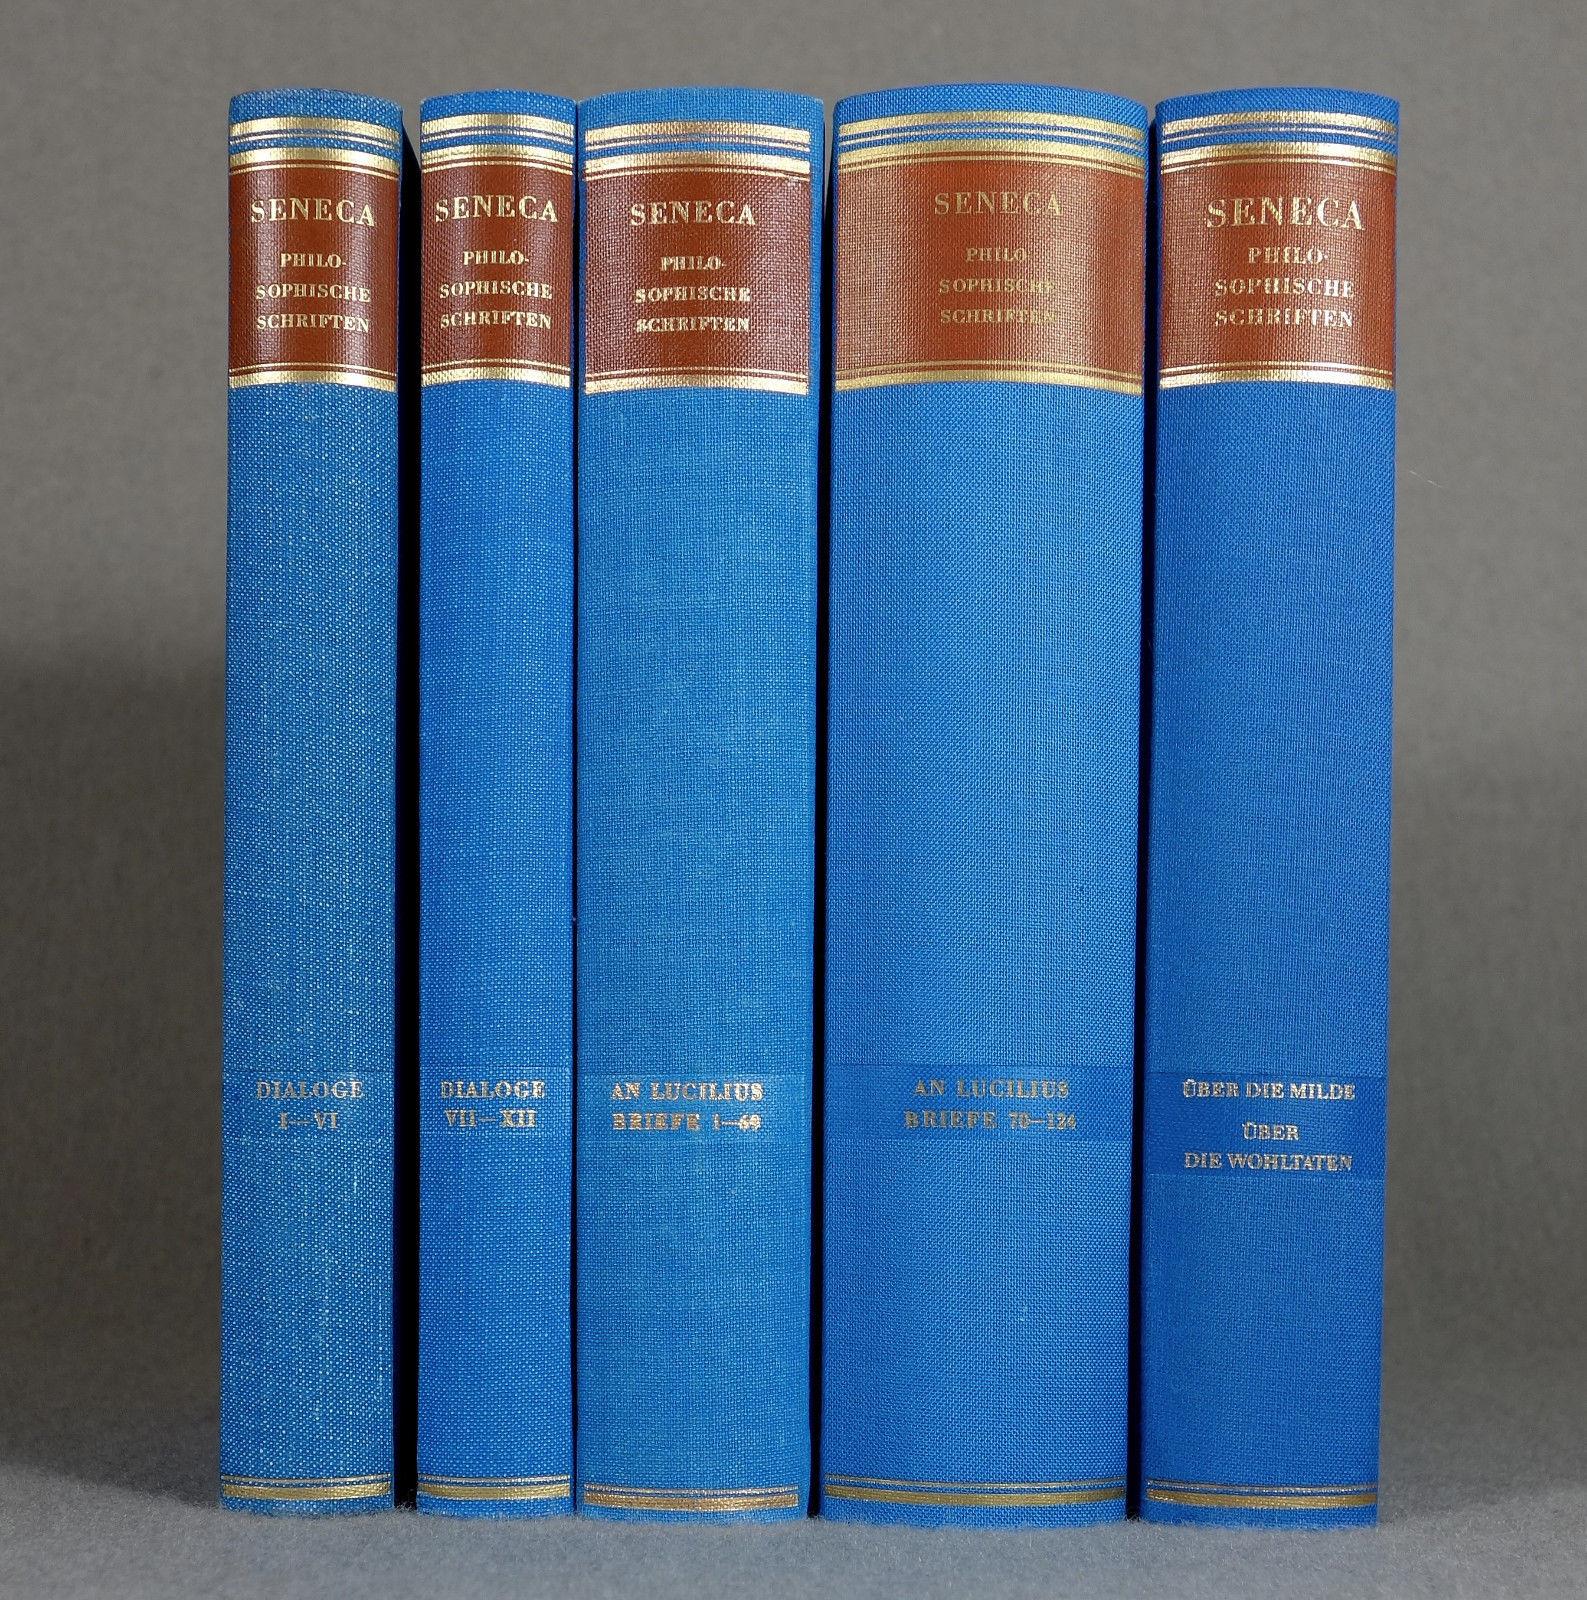 1969-89 - PHILOSOPHIE - Seneca / Werkausgabe - ANTIKE Stoiker Nero Altphilologie